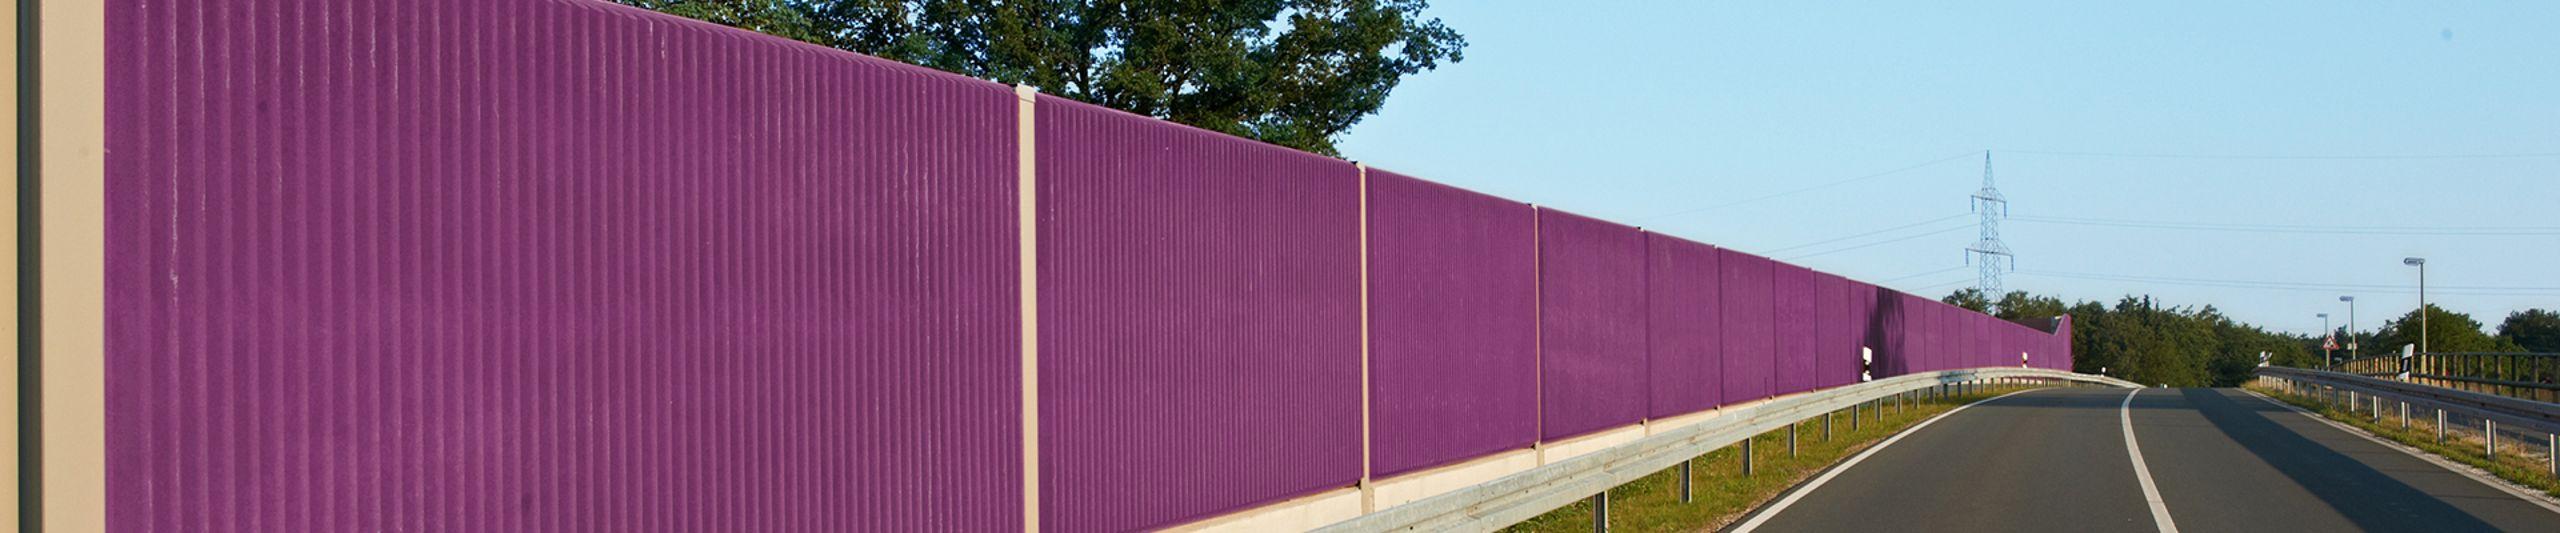 Lärmschutzwände aus Betonfertigteilen